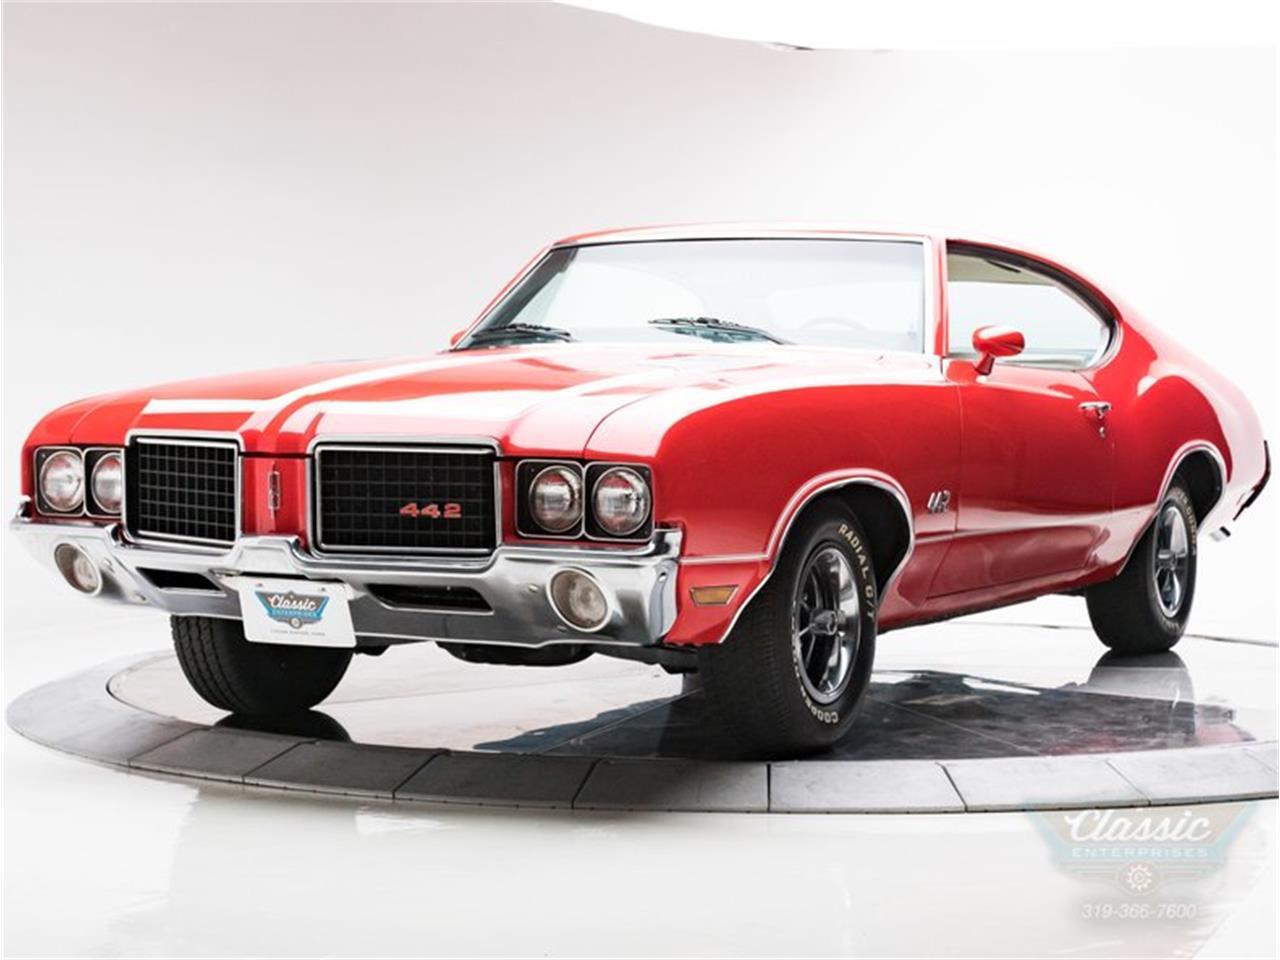 Large Picture of 1972 Cutlass located in Cedar Rapids Iowa - $28,950.00 - HIAM